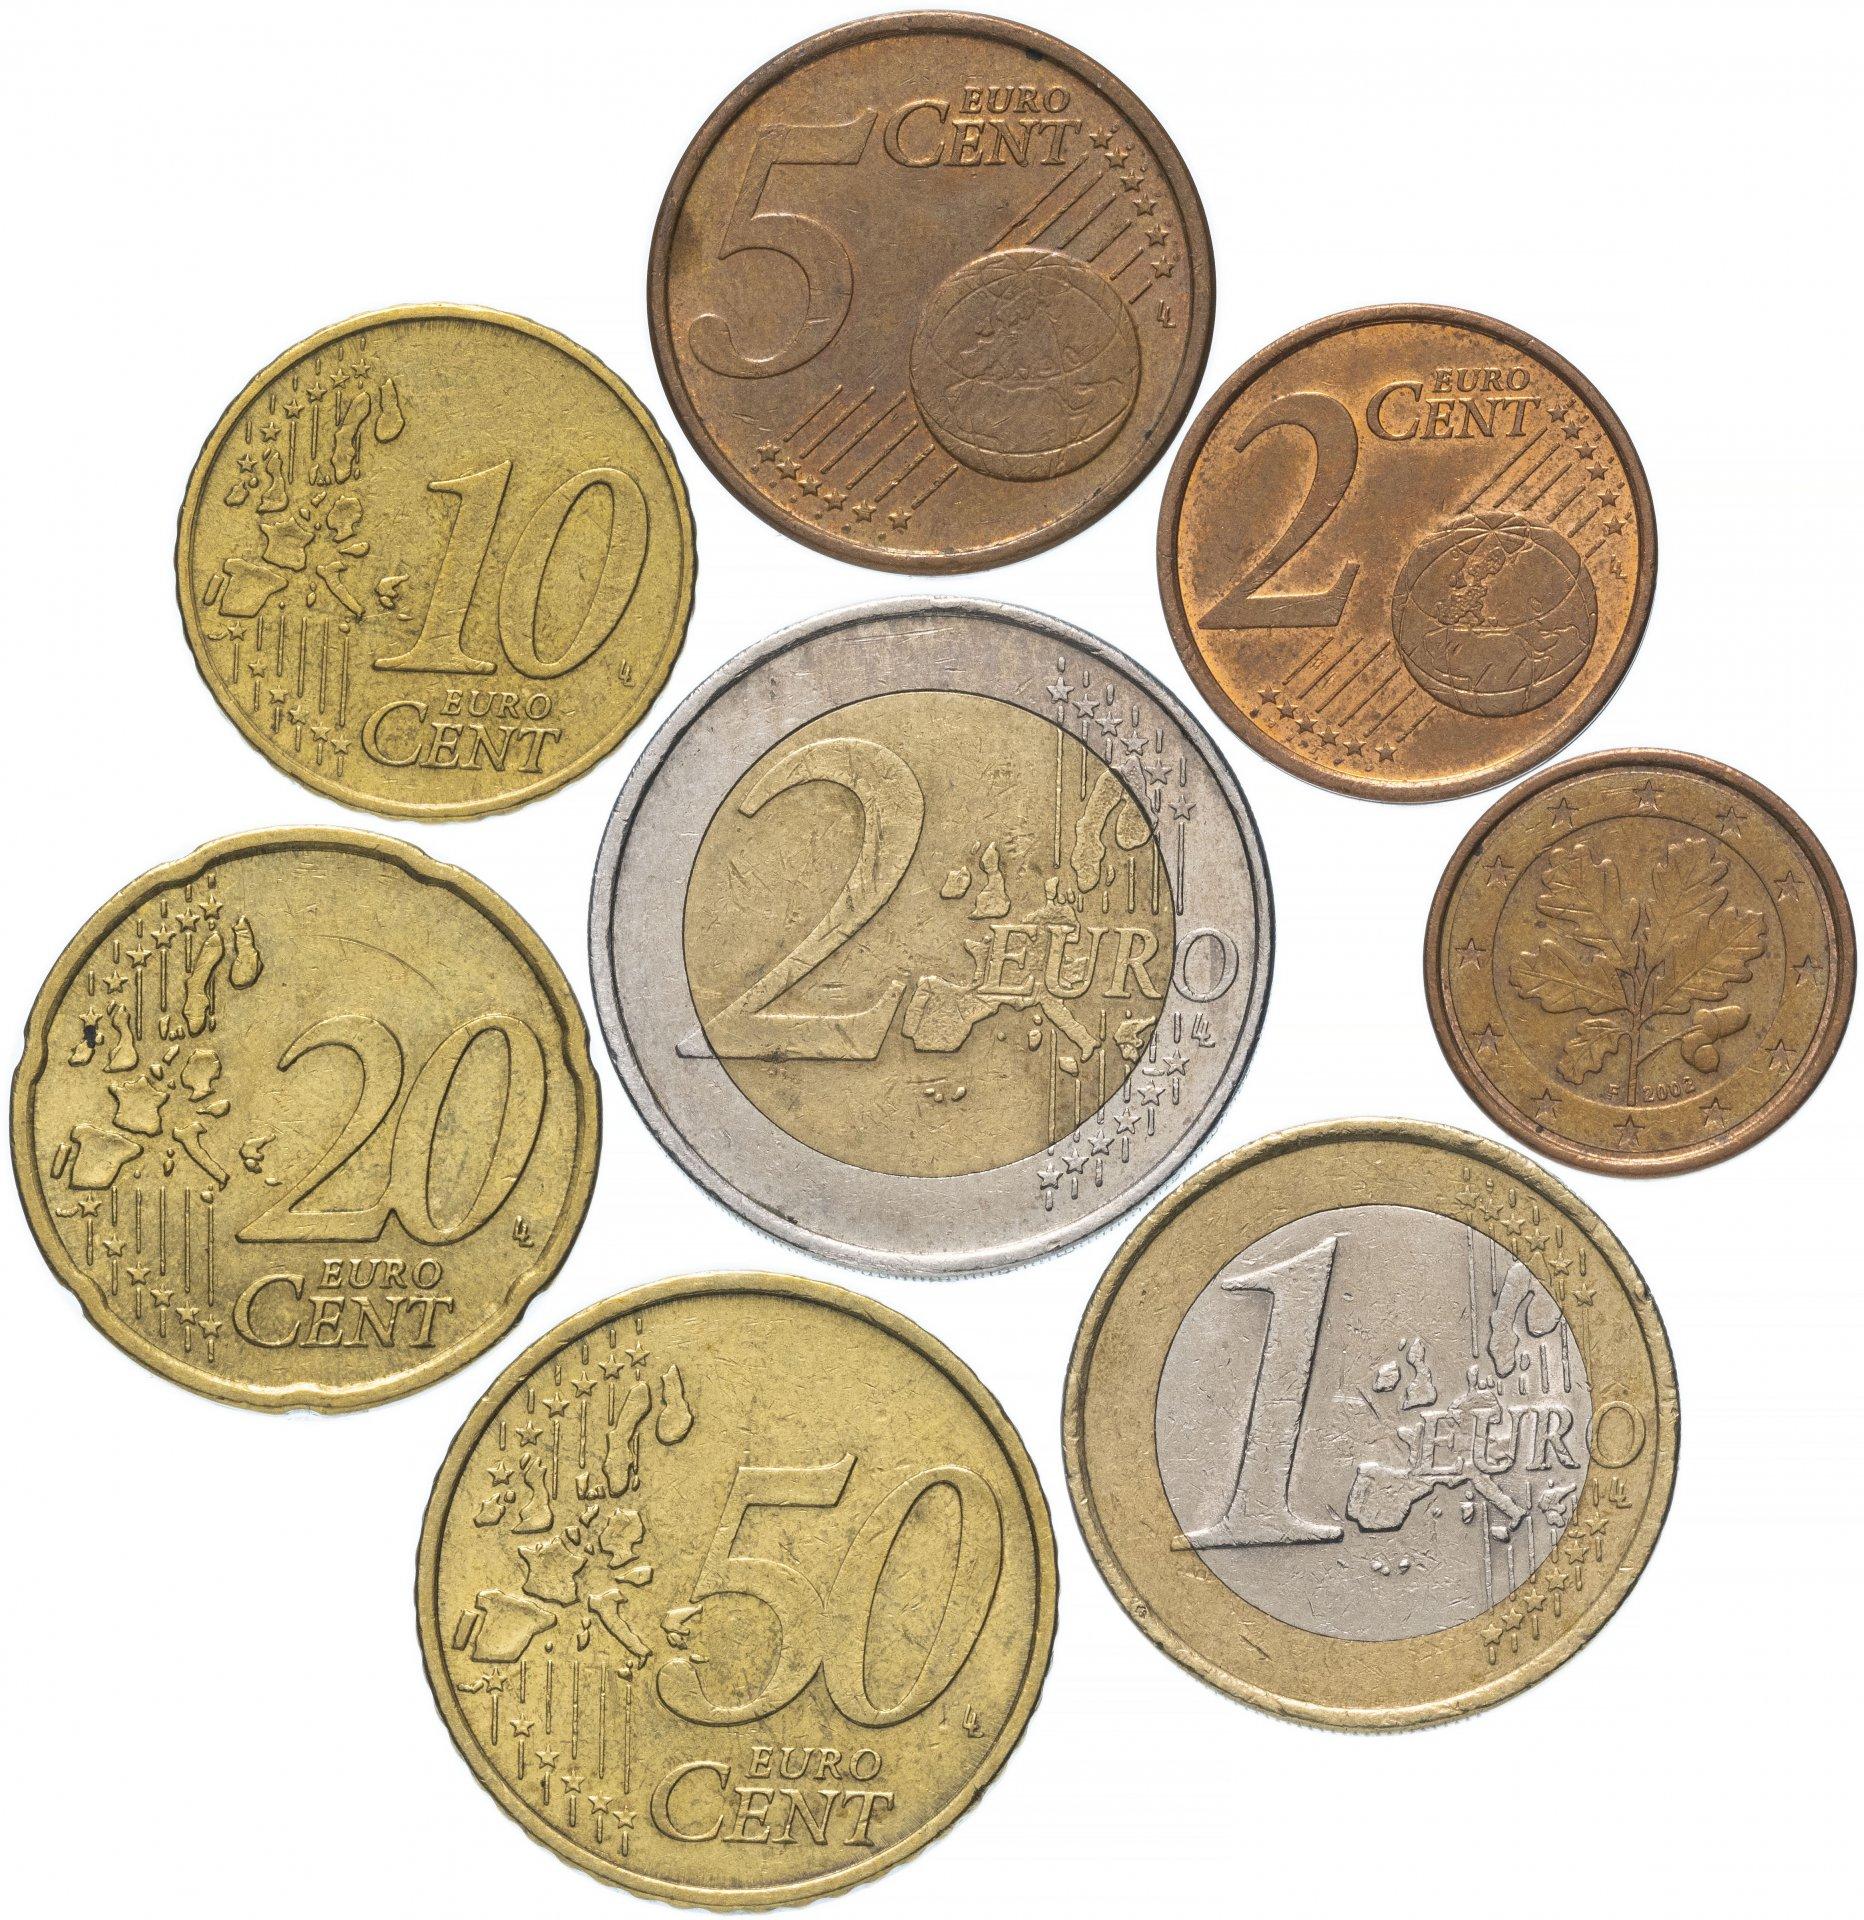 школы каталог иностранных монет с фото и ценами потолок